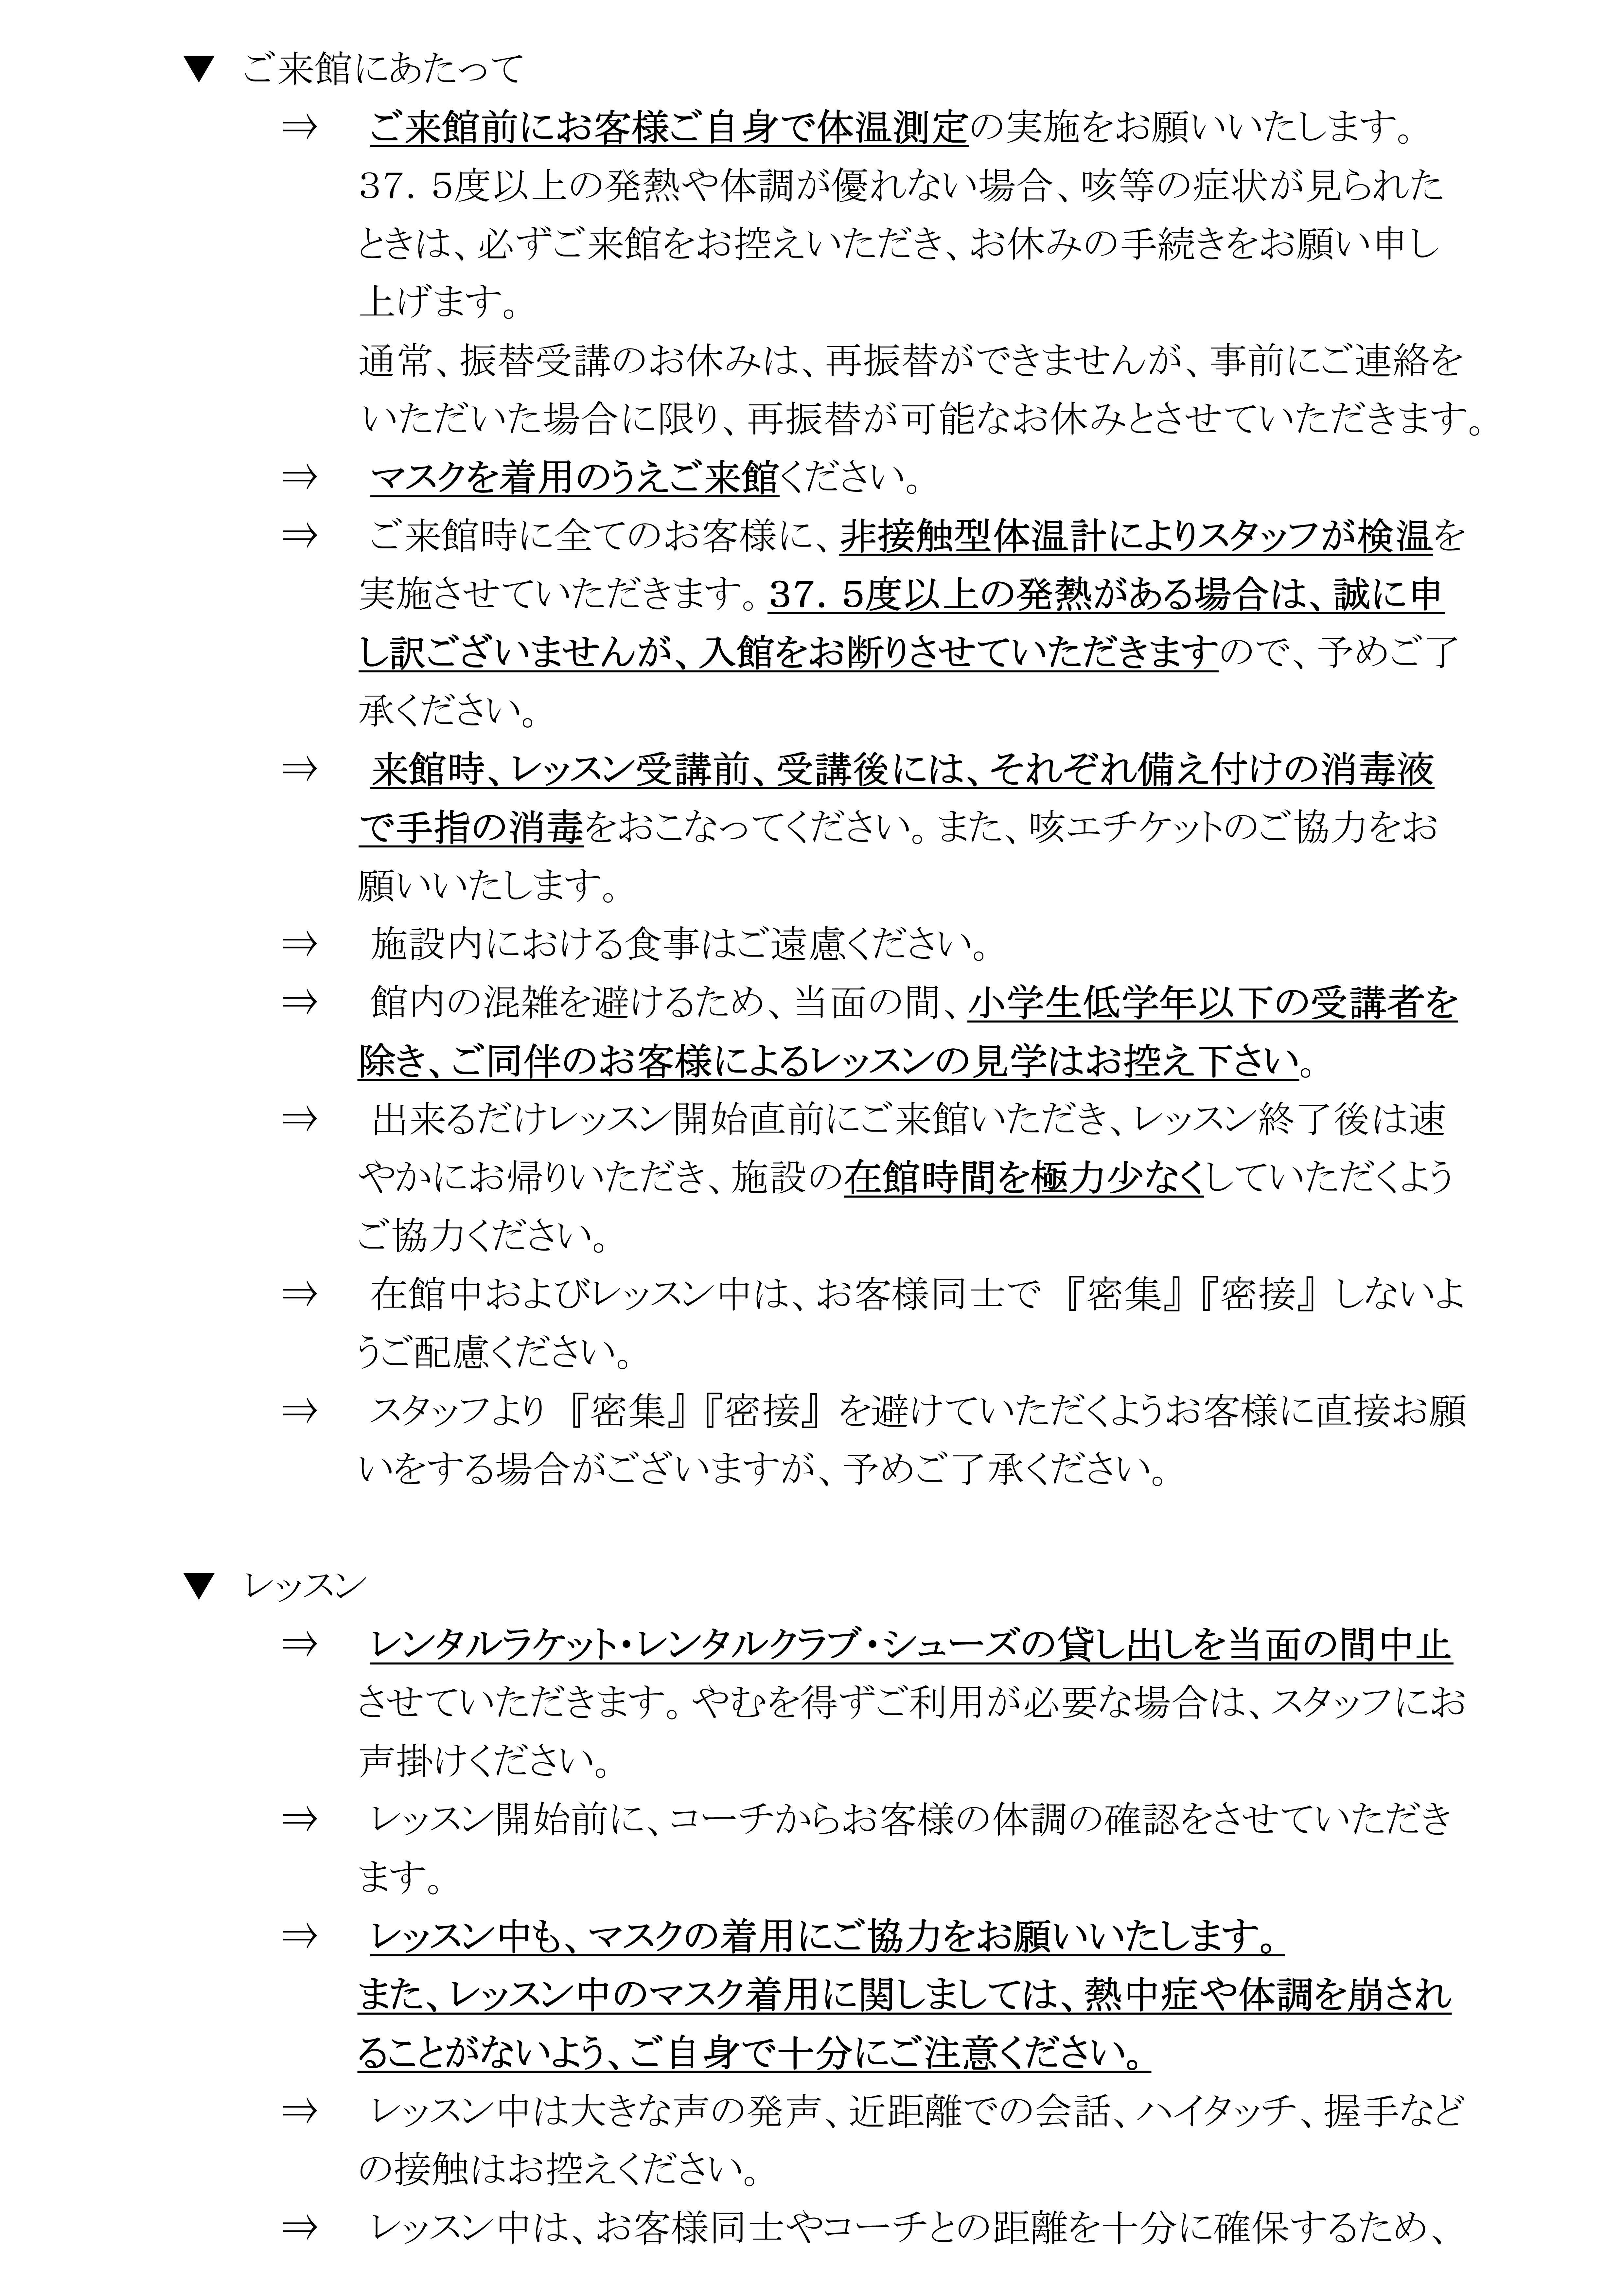 (港北)通常営業再開のお知らせ20200608(更新)-03.jpg